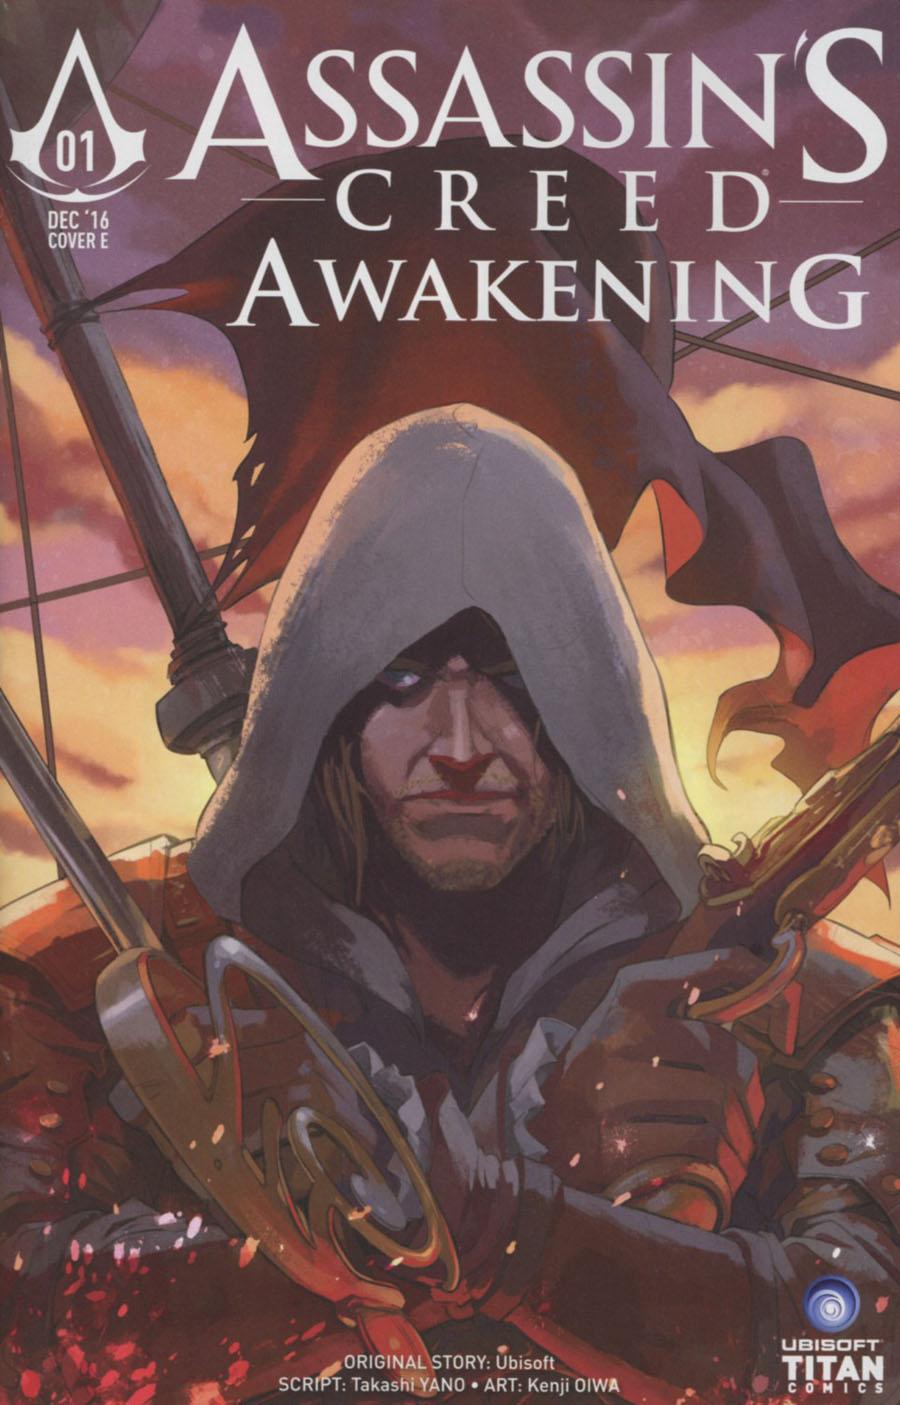 Assassins Creed Awakening #1 Cover E Variant Nana Lee & John Aggs Cover